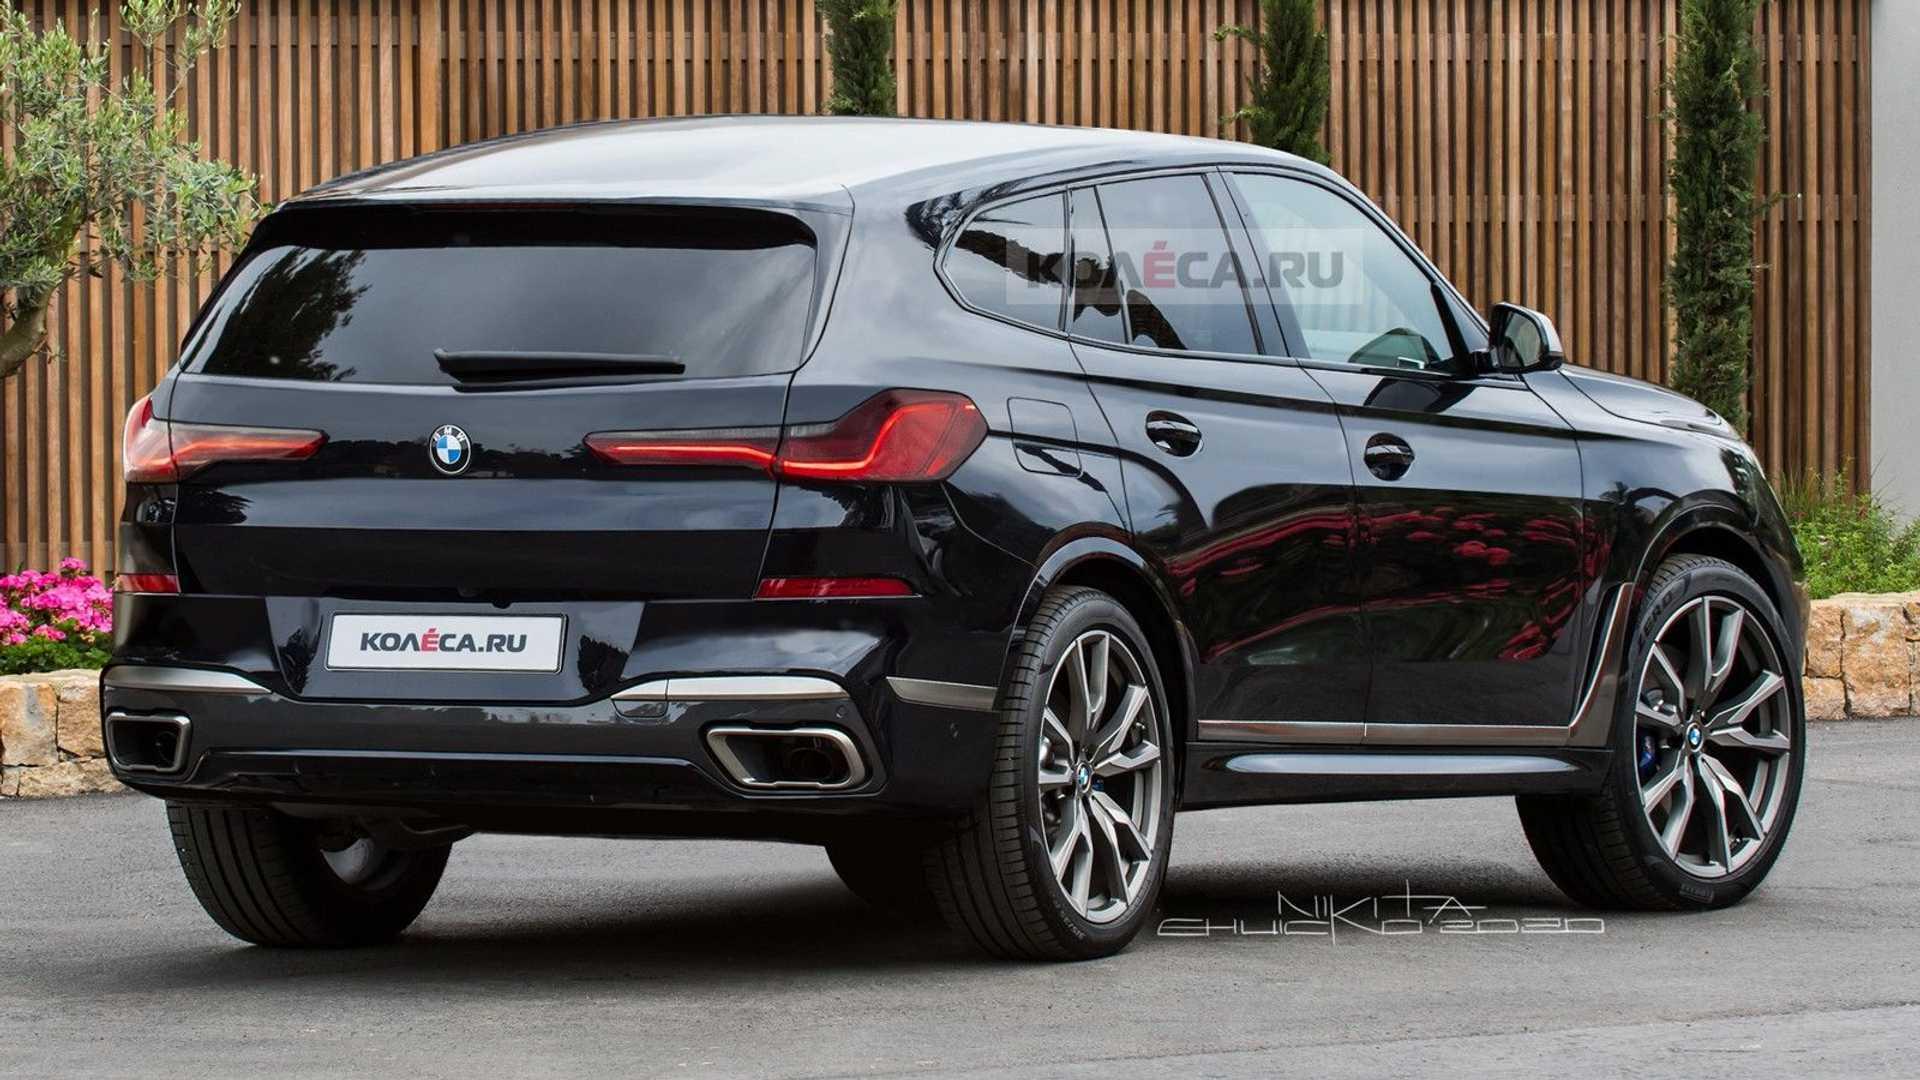 2022 bmw x8 rendering 1603887600764929513592 BMW X8 - SUV đỉnh cao nhất mọi thời đại của BMW